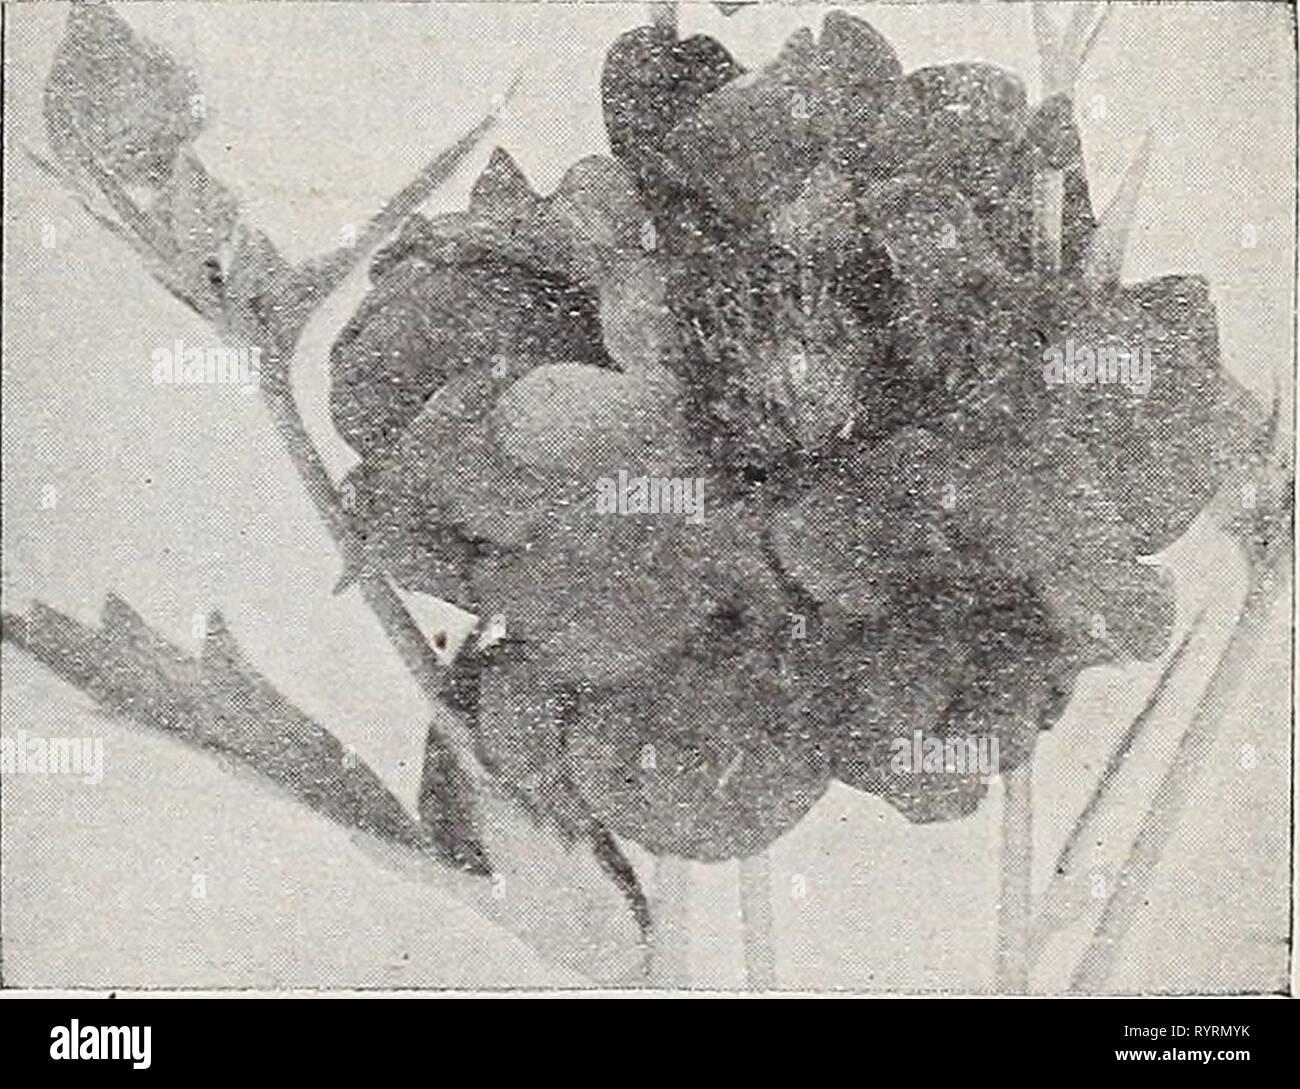 Dreer's Wholesale catálogo para floristerías Dreer's Wholesale catálogo para los floristas y hortelanos : otoño 1941 edition . dreerswholesalec1941henr Año: 1941 Digitalis gloxiniaeflora Gaillardia, Portola Hybrid Gypsophila paniculata fl. Delphinium continuó Tr. pit. Medalla Oold híbridos. Una espléndida variedad de iiybrids mixtos. %%%%%%%% Lb. $4.00 $0 25 Belladona mejorado (Cliveden belleza). Una cepa muy selecto de Strong, vigor- ou hábito. Flores grandes de brillante color azul turquesa iridiscente. %%%%%%%% Lb. $9.00 50 Bellamoeum. Un azul profundo ricli forma de belladona. Vt lb. $7.00 40 Cbinense, Azul. Int Imagen De Stock